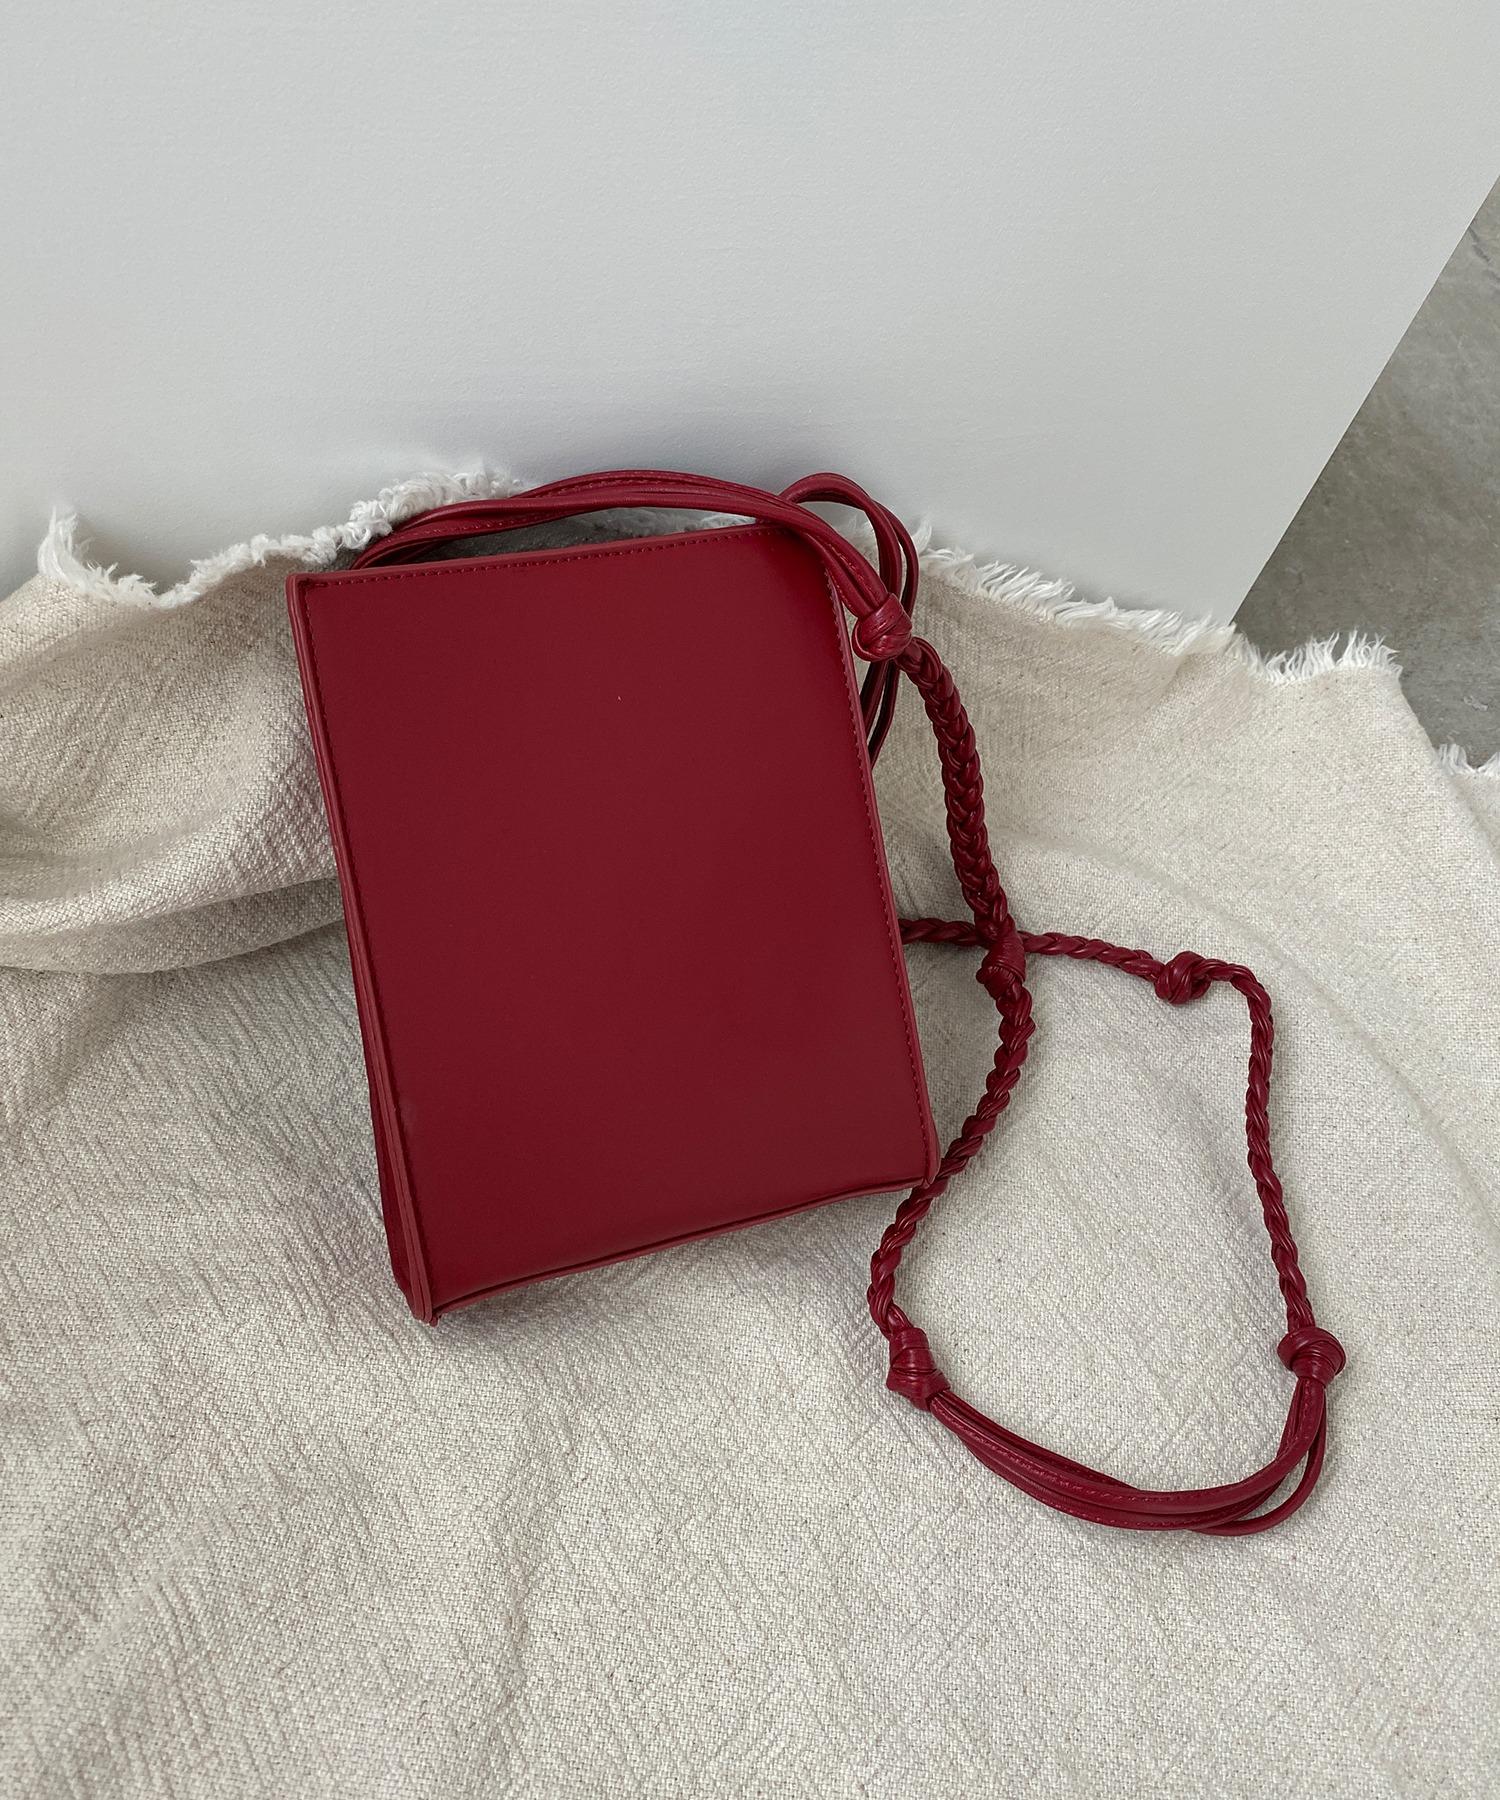 chucllaのレディースバッグ